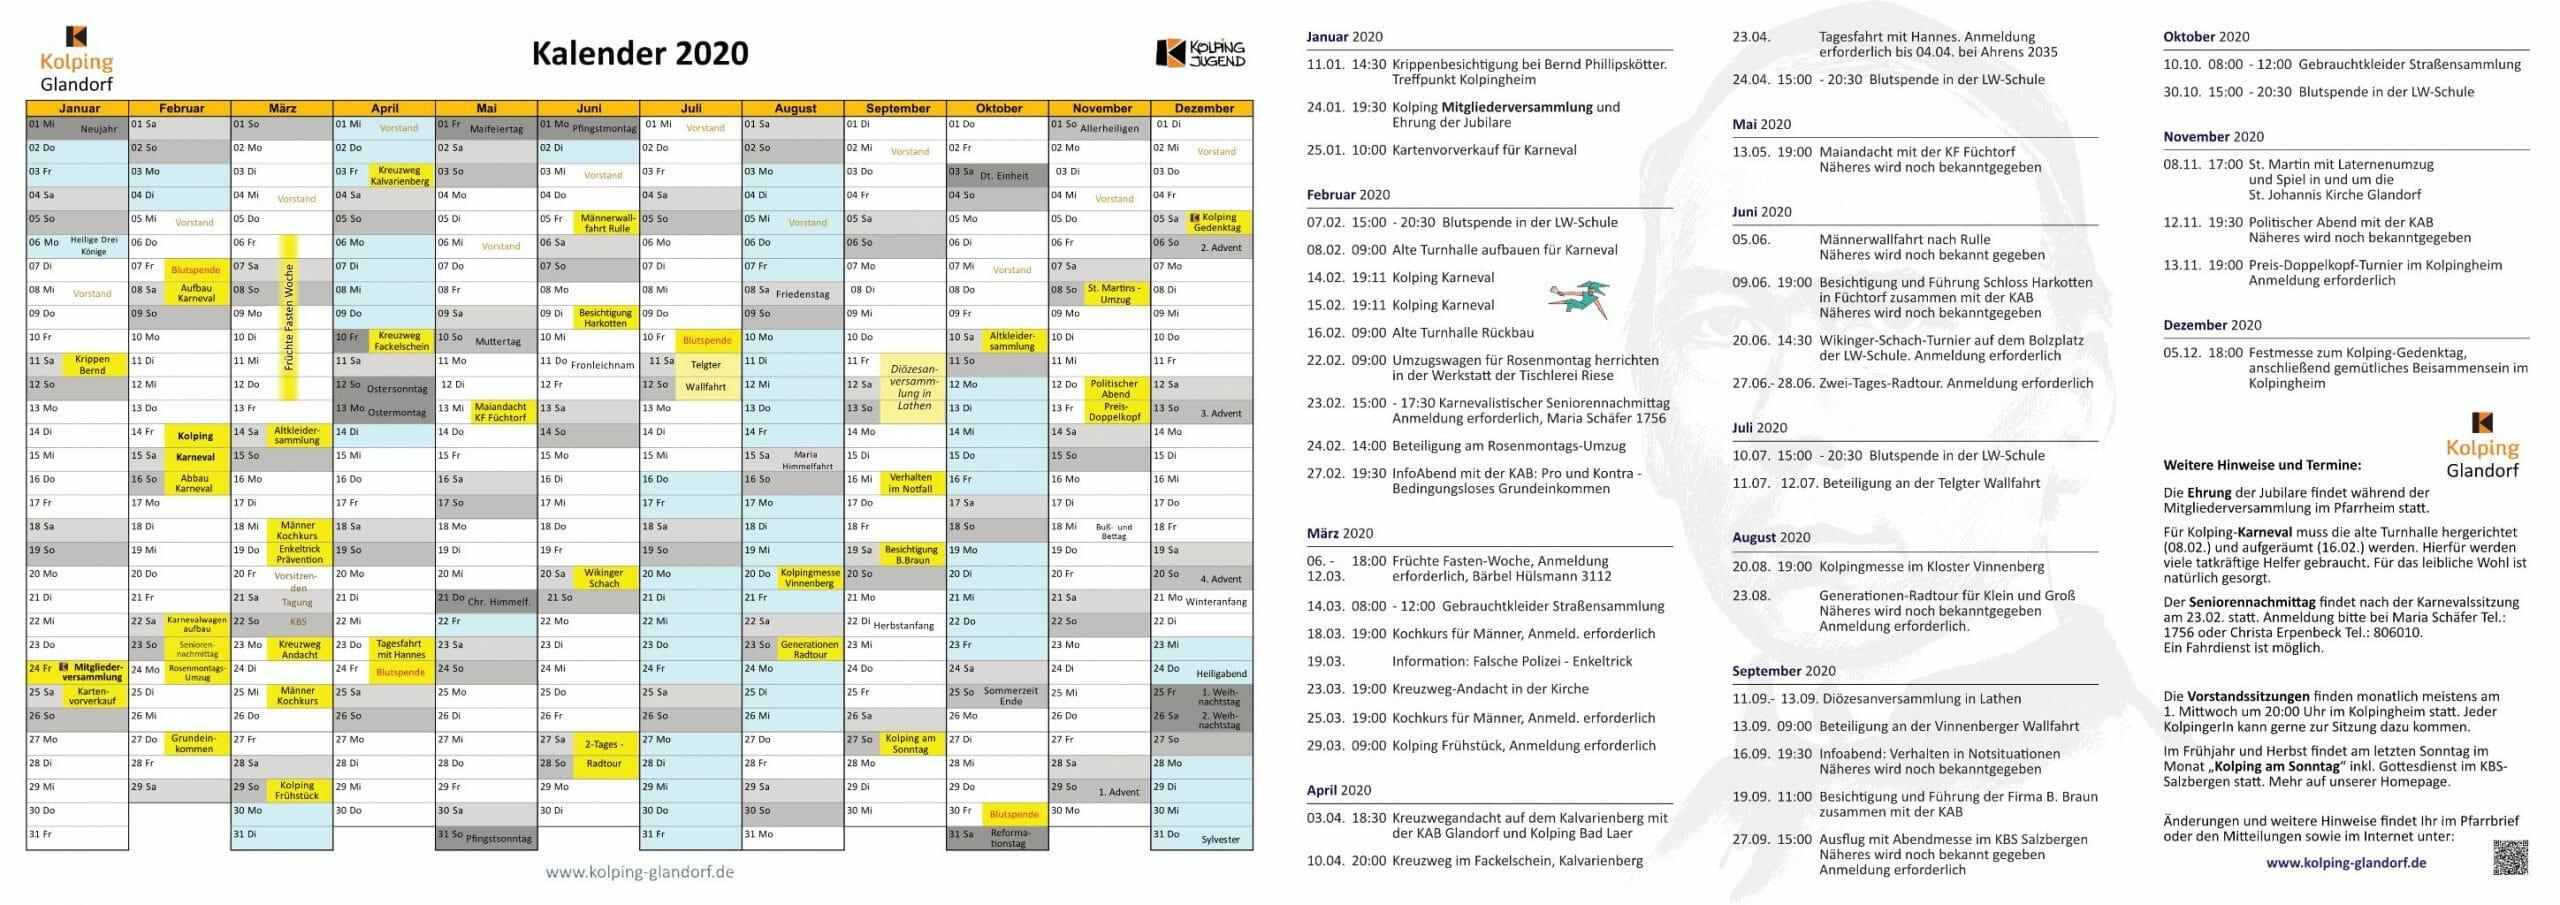 Kalender 2020 Übersicht